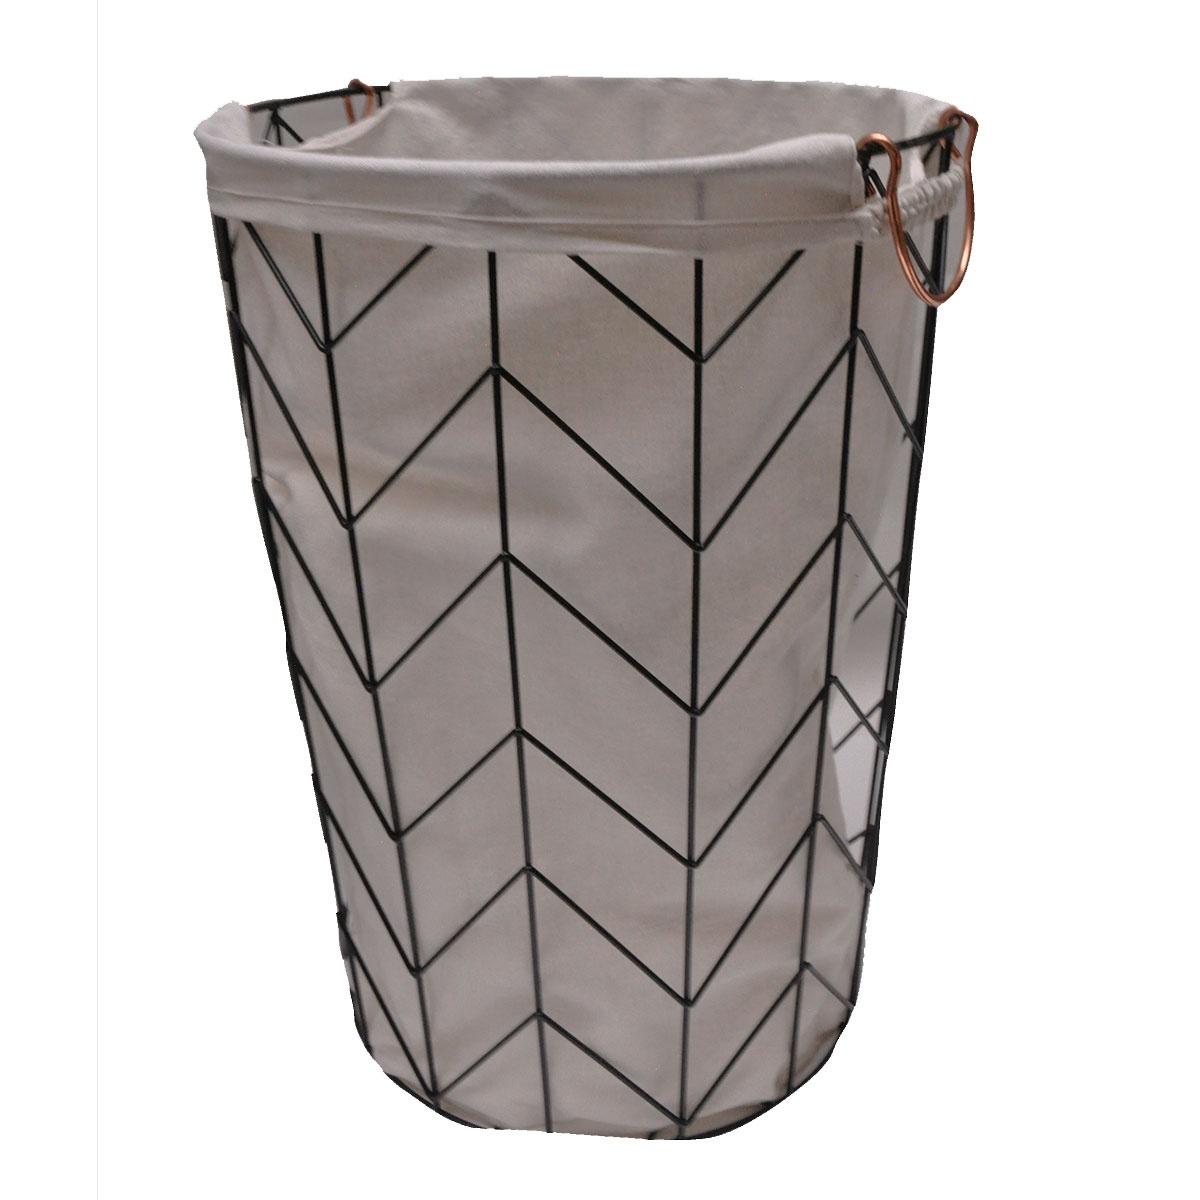 Lingère en métal géométrique avec sac en tissu (Noir et Cuivre)